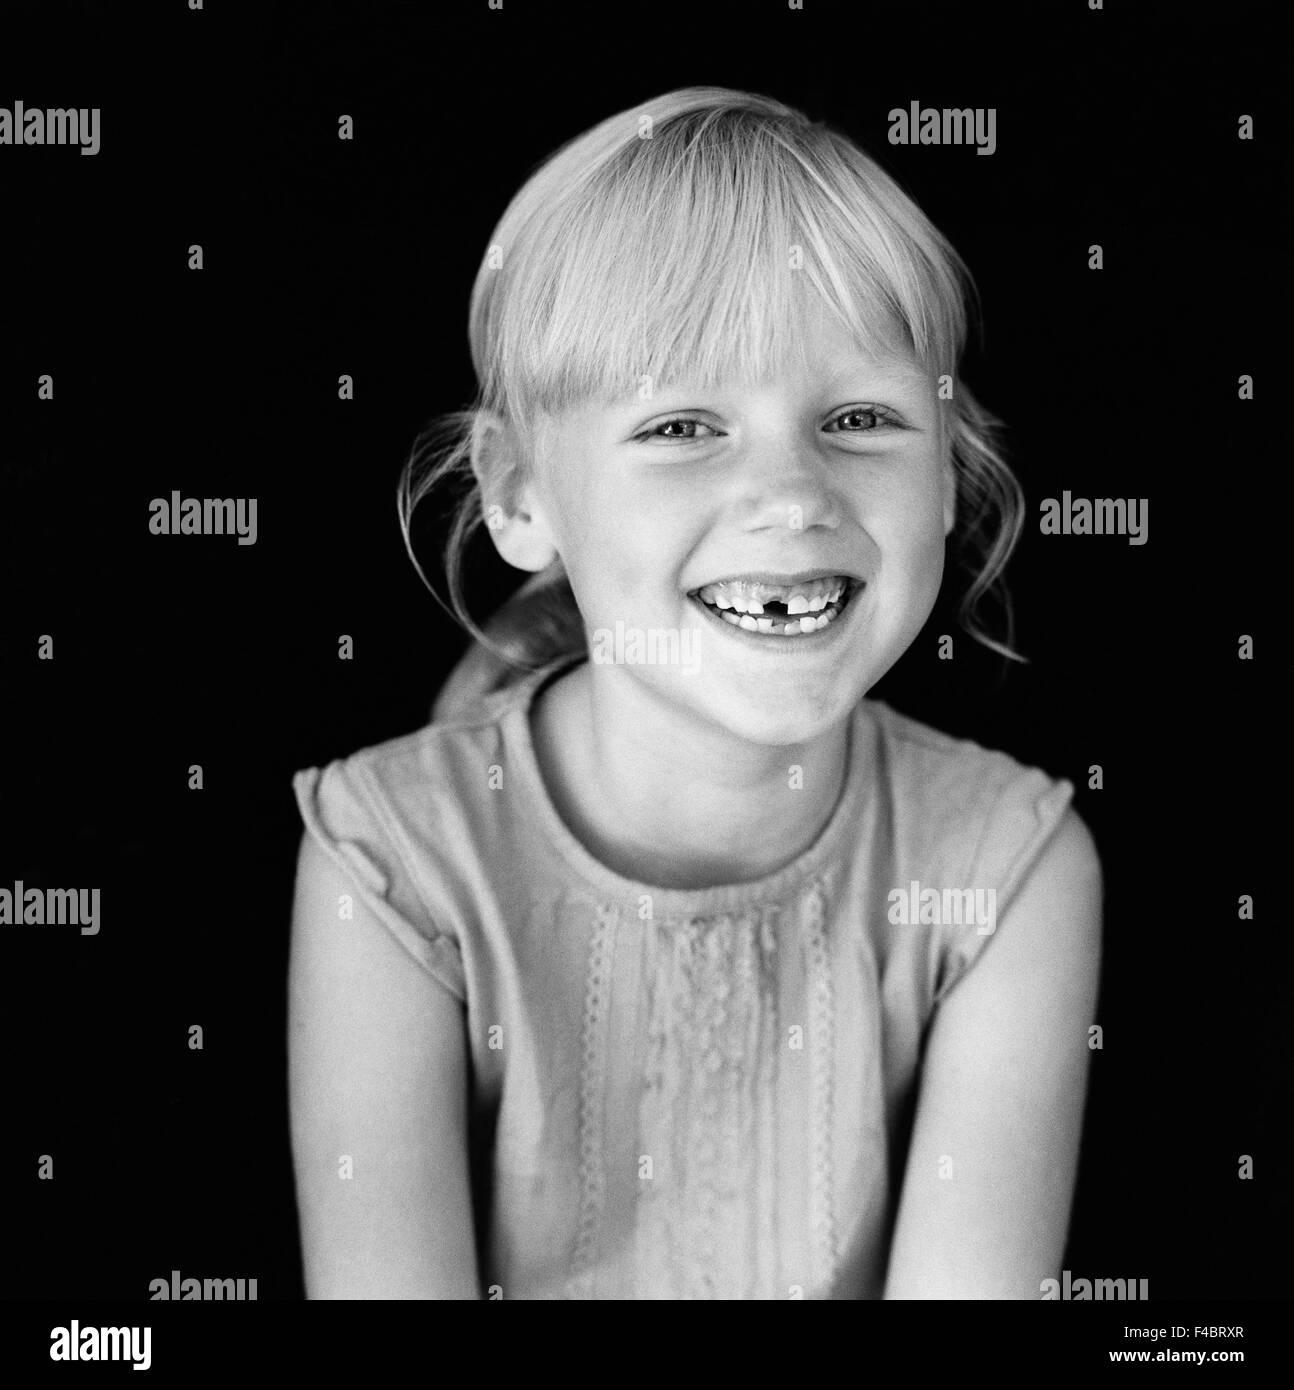 Blanco y negro los niños rubios sólo a niñas feliz adentro una persona solo el optimismo positivo Imagen De Stock